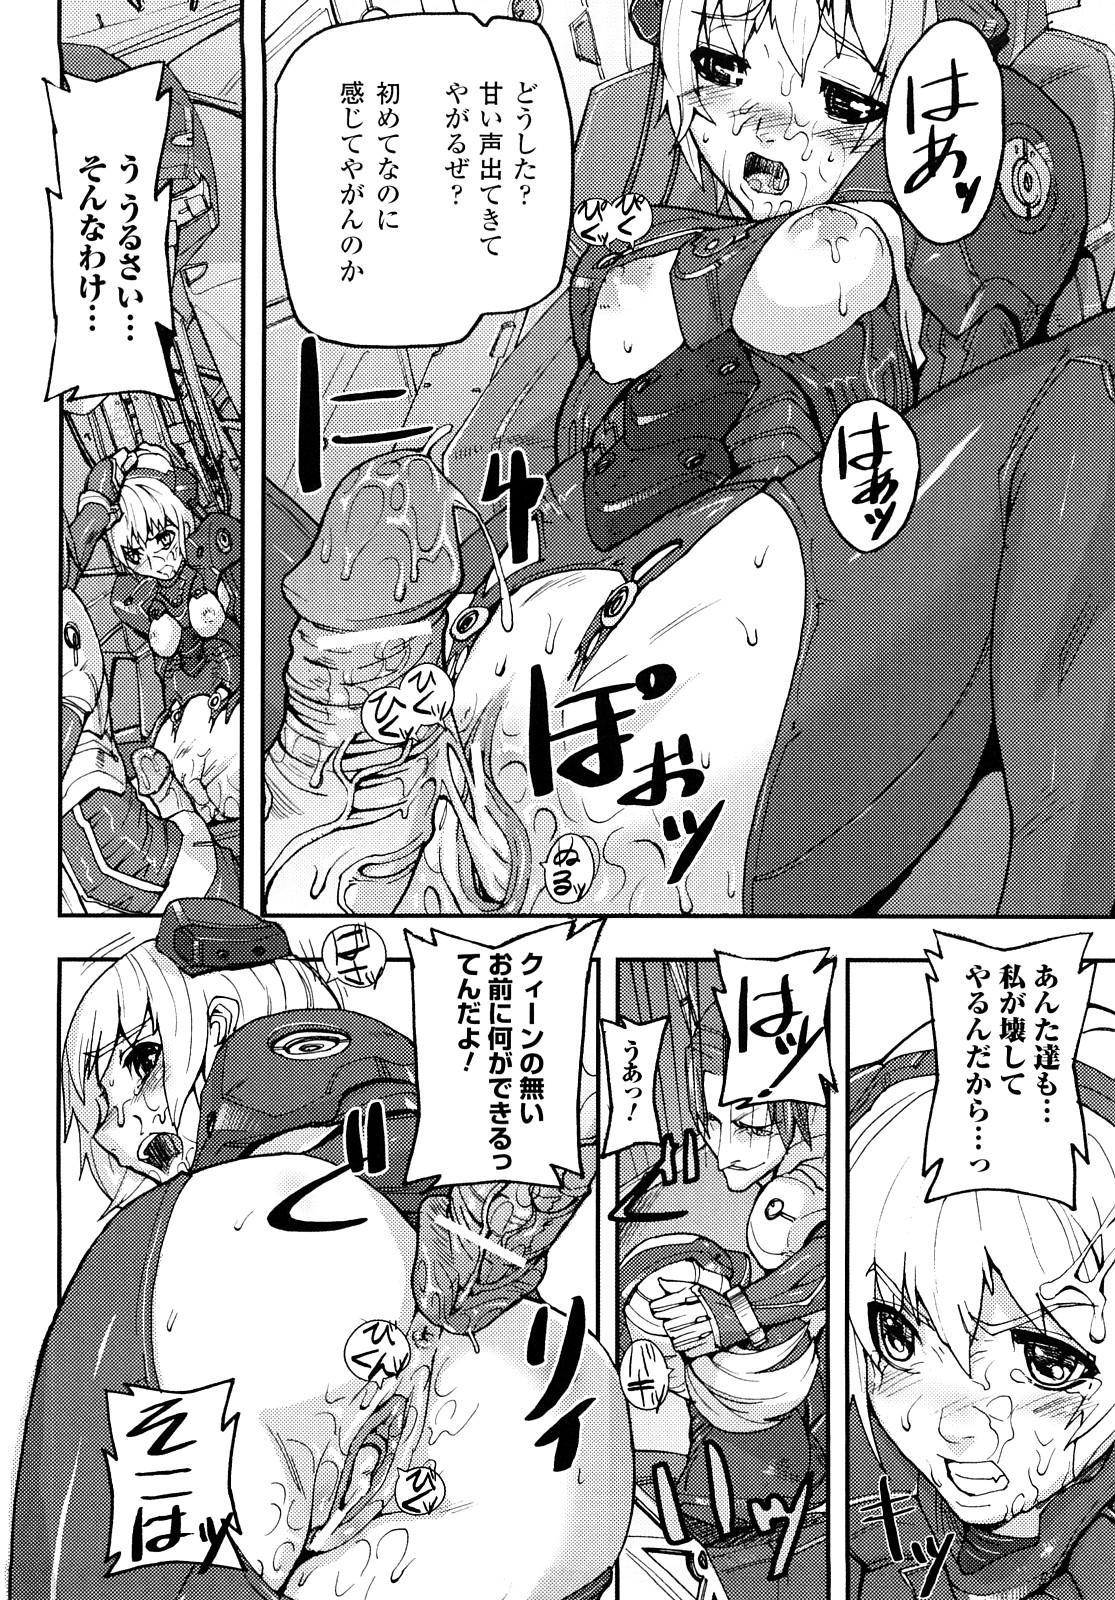 Cerberum no Hitsugi Haitoku no Hanmegami - The Coffin of Cerebrum Immoral Demivenus 170